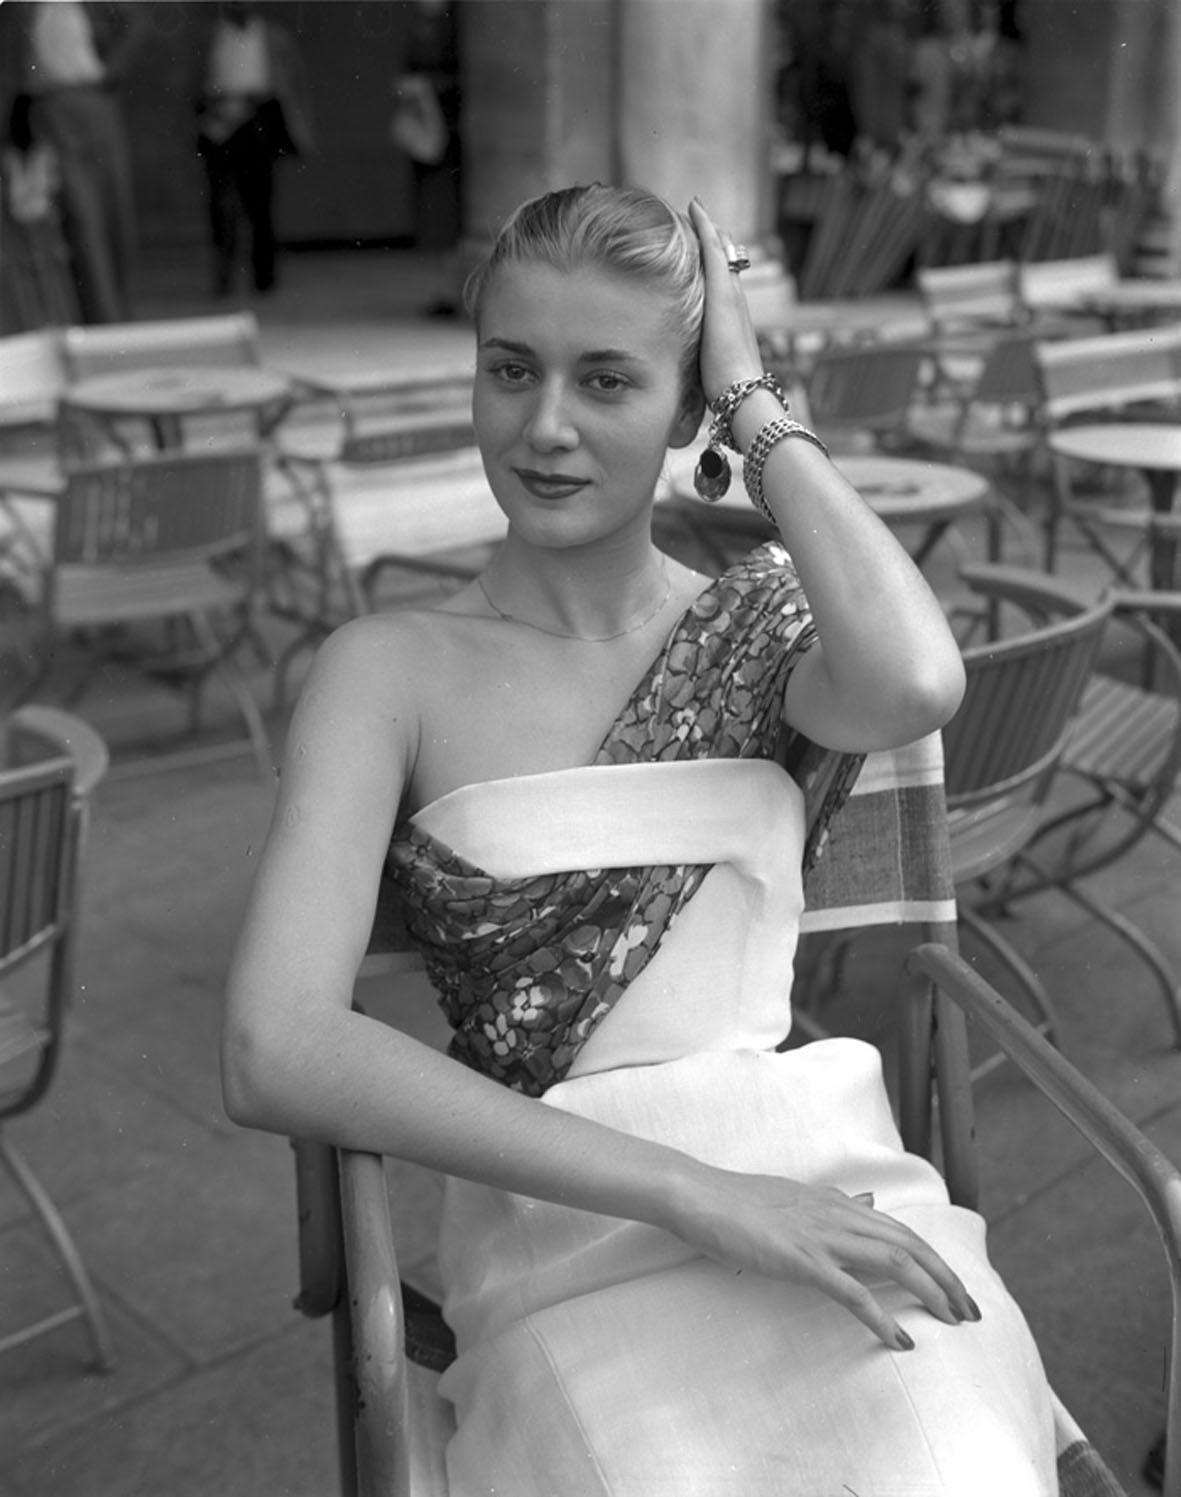 22-250-moda-017-Dior-a-Venezia-3-Giu-1951.jpg